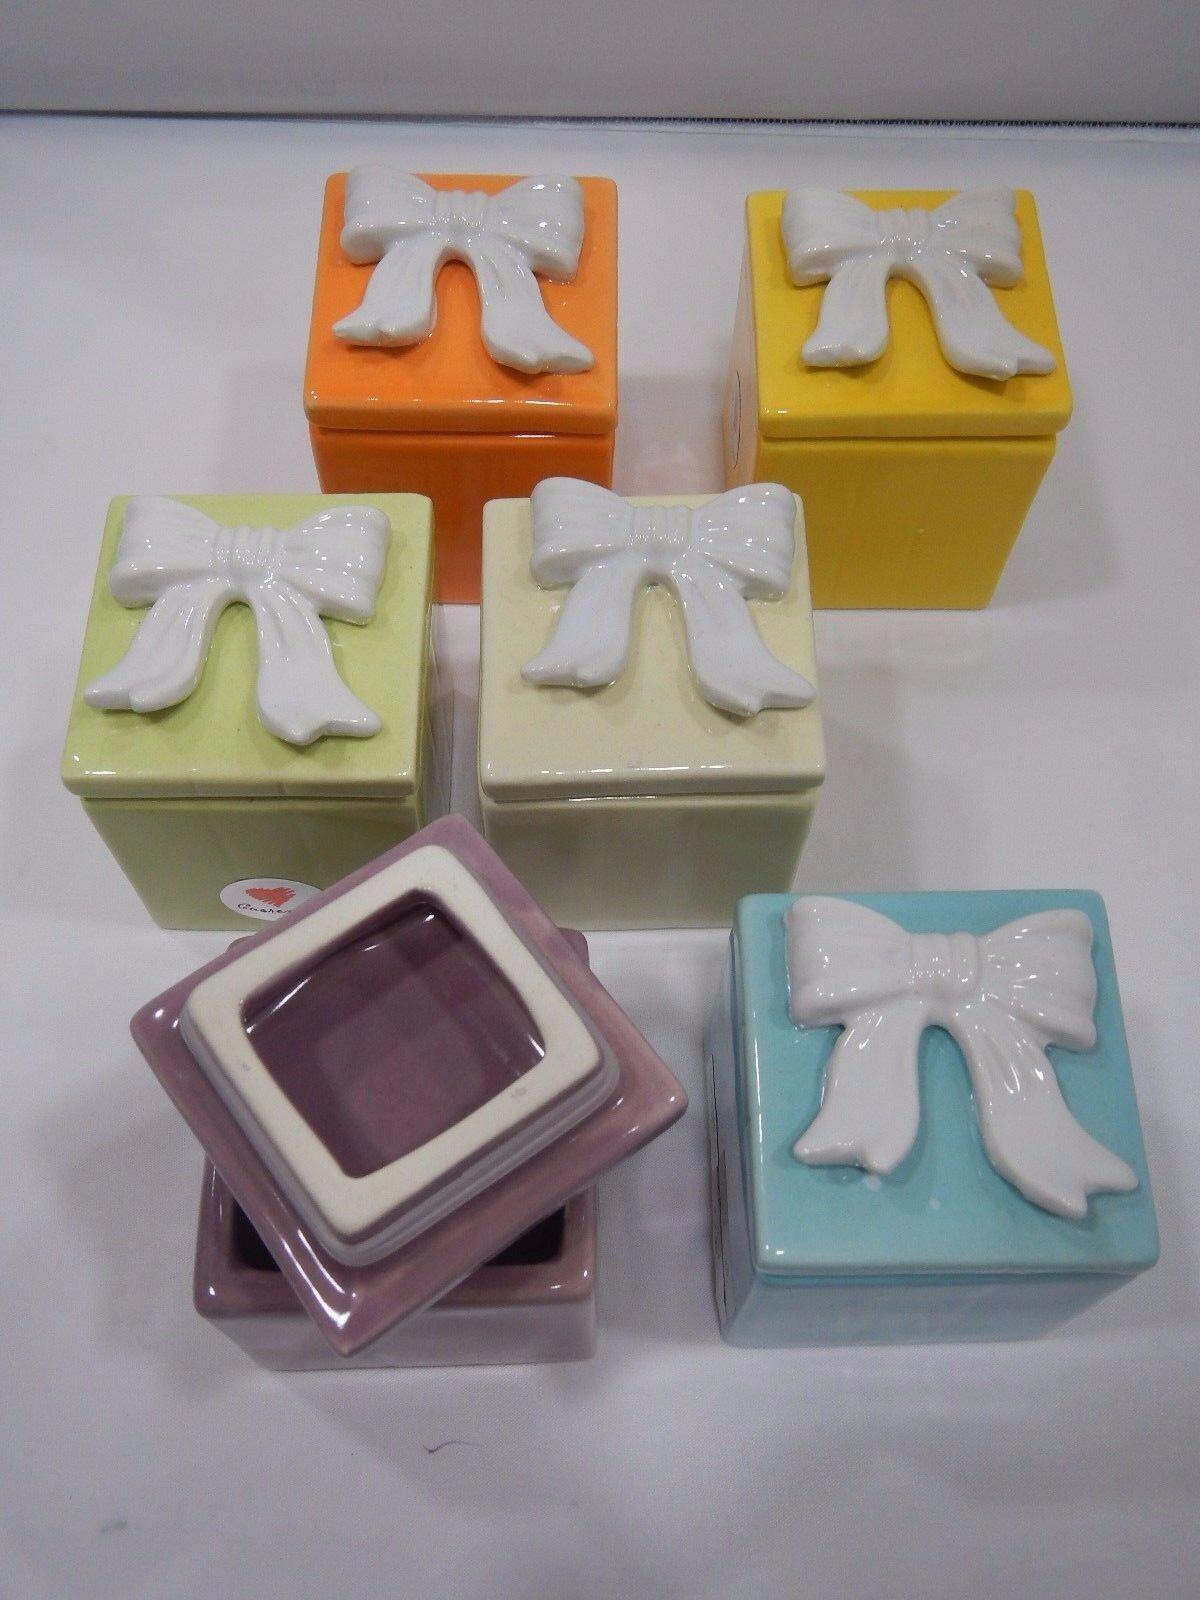 Bomboniere portaconfetti fiocco in ceramica corolati d4855 d4856